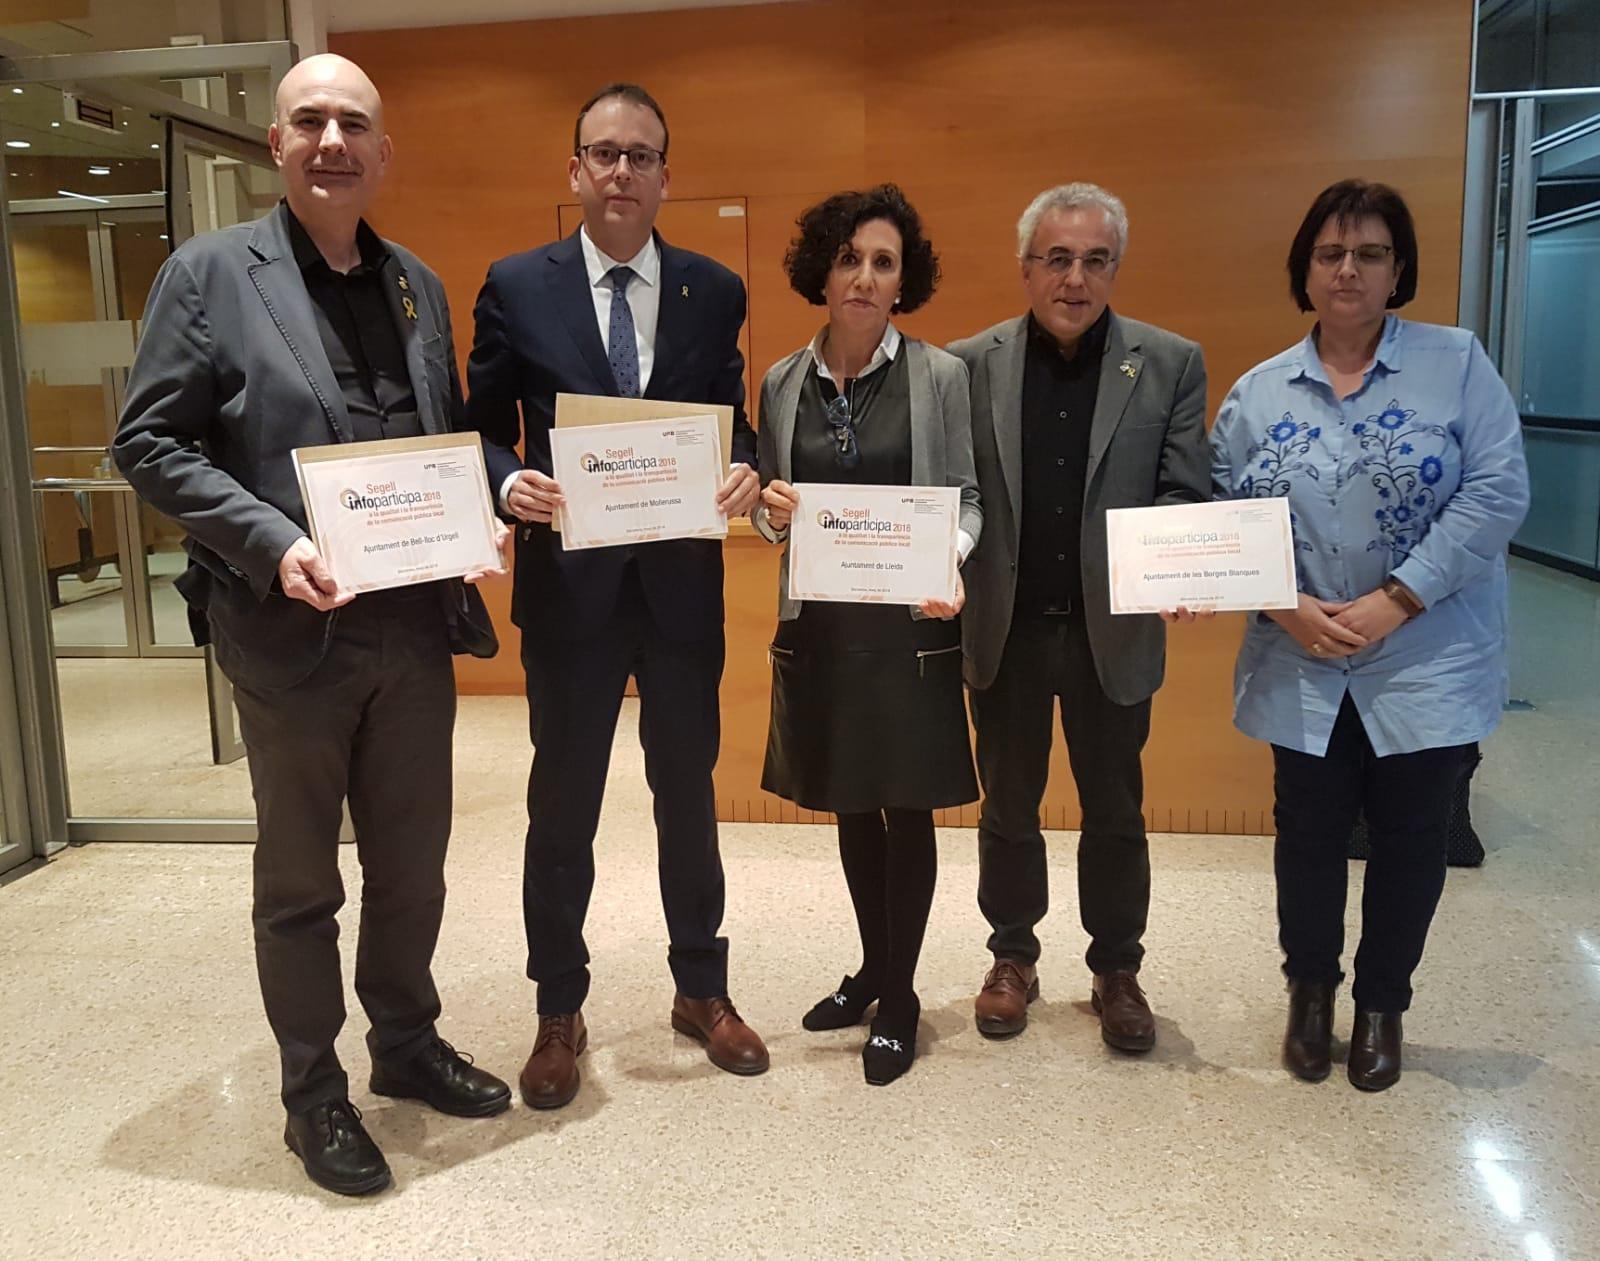 L'Ajuntament de les Borges renova el segell de transparència Infoparticipa 2019 que atorga cada any l'UAB